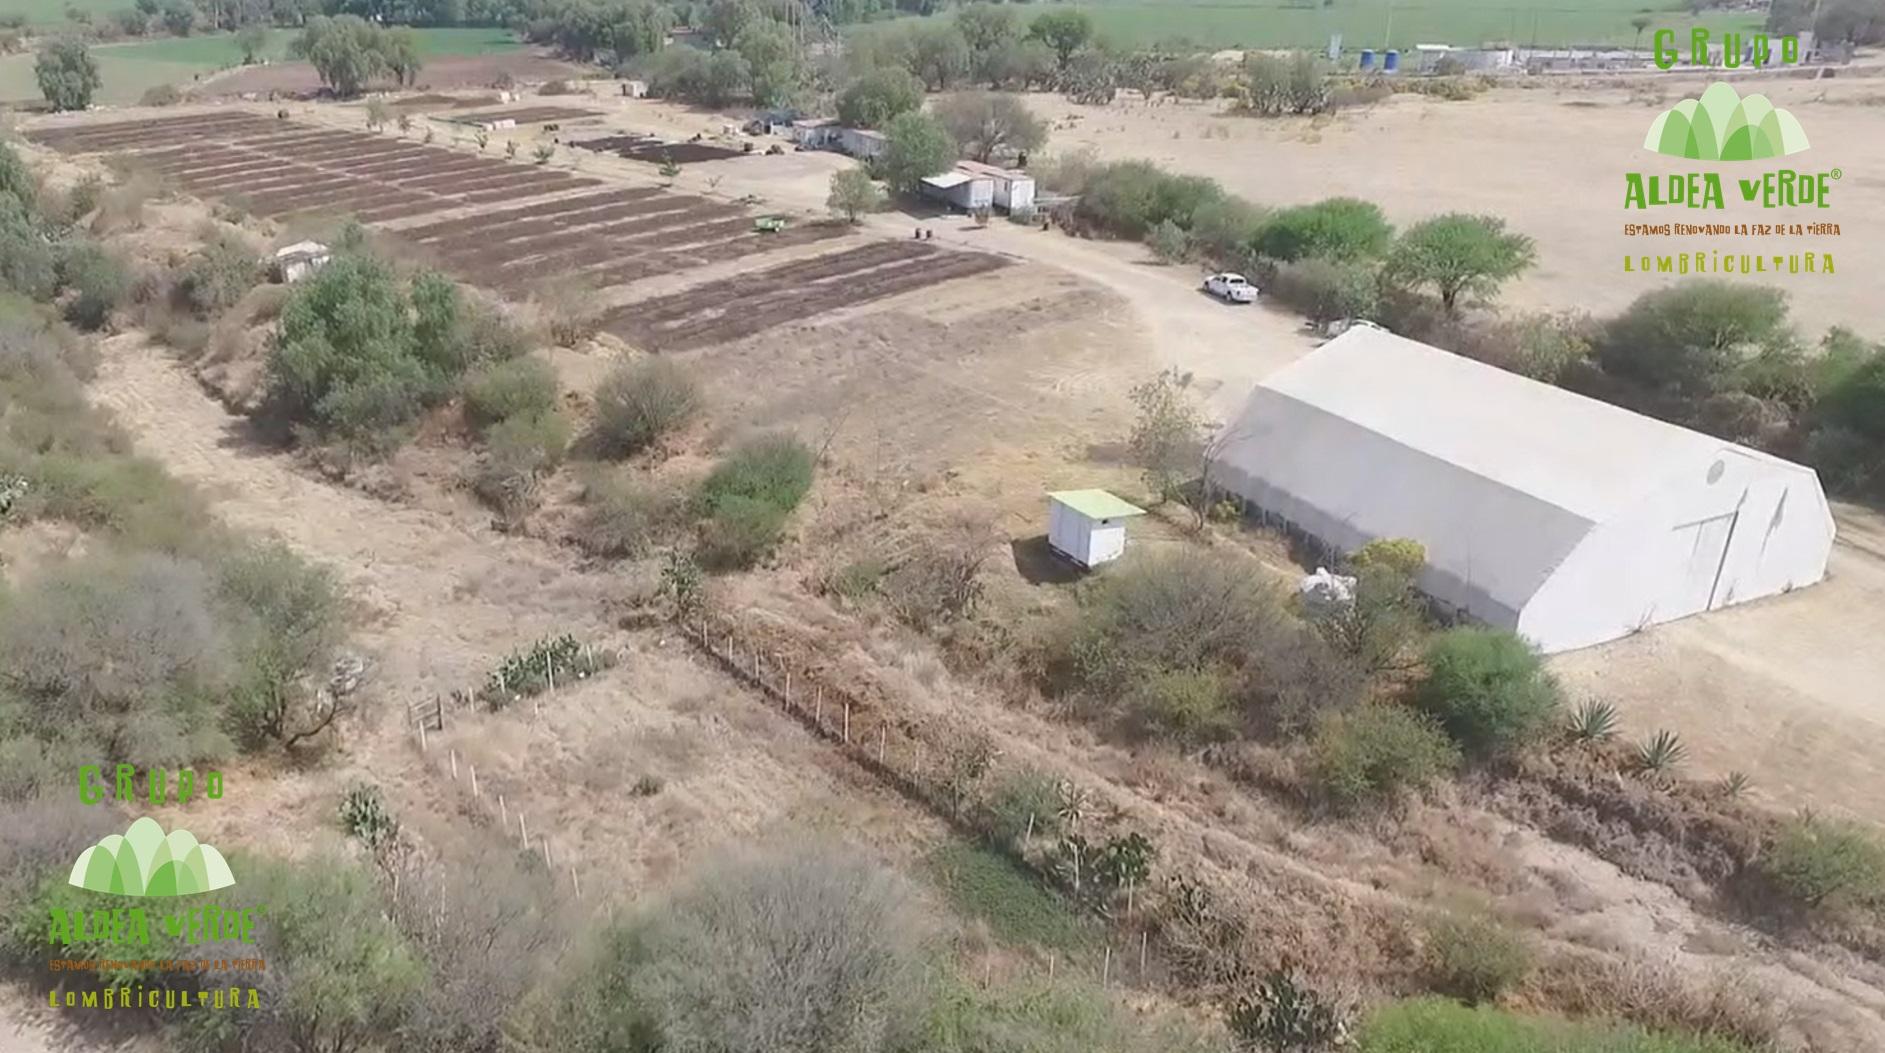 Aldea Verde Lombricultura